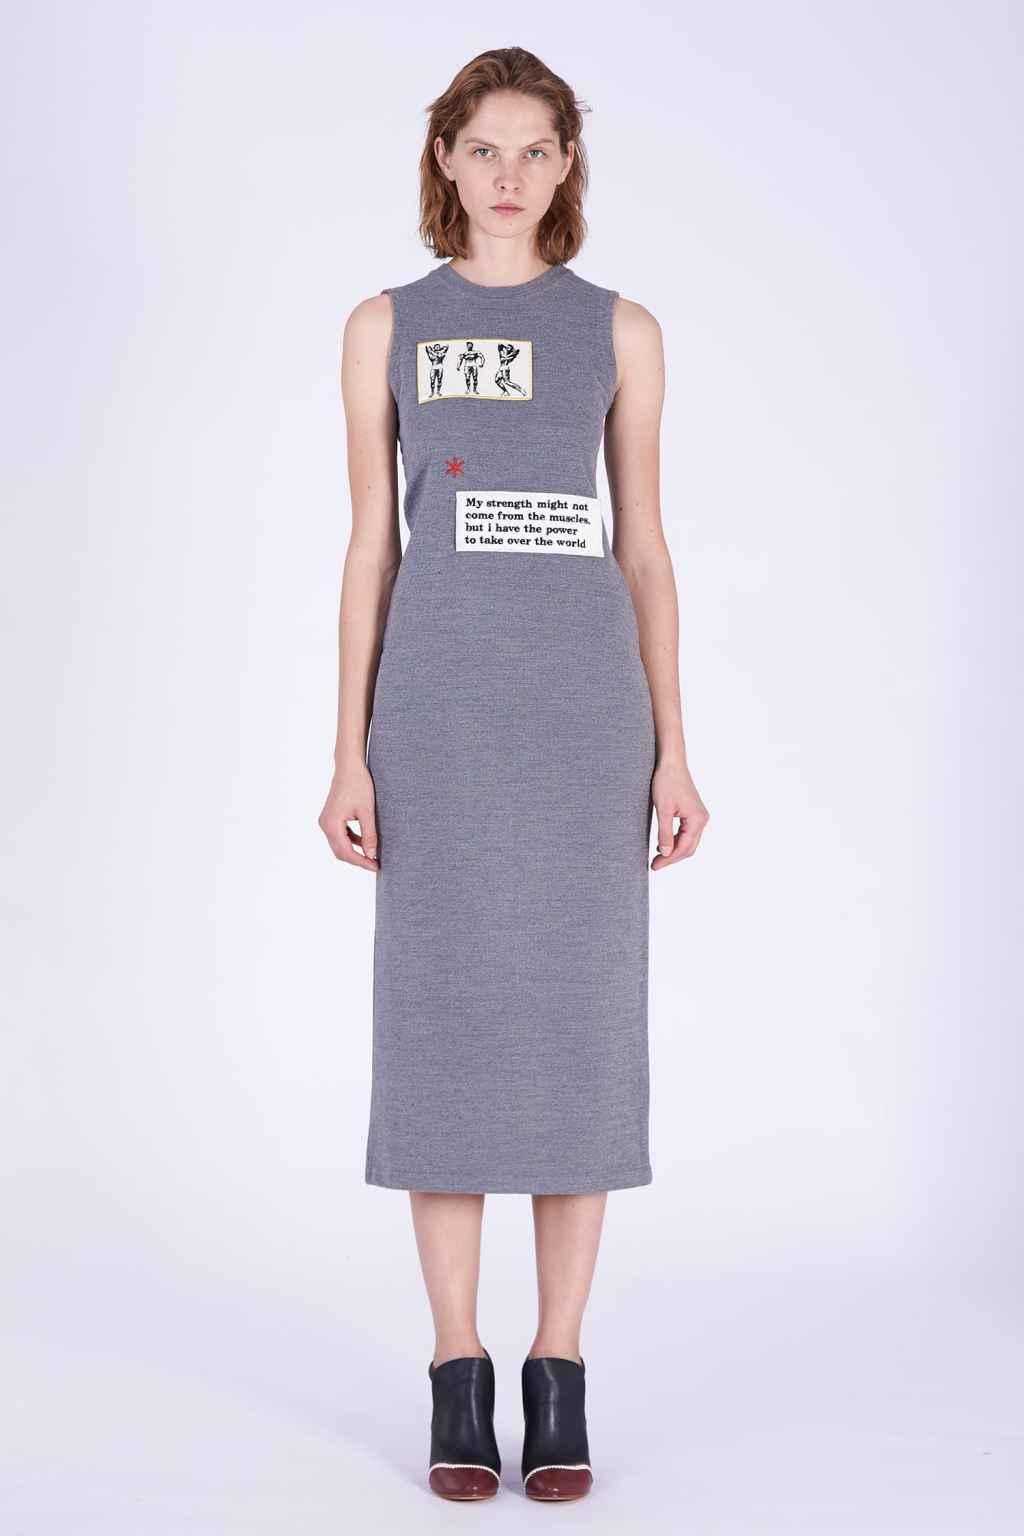 Acephala AW2018-19 Grey Wool Jersey Tube Dress // Szara Wełniana Sukienka Tuba